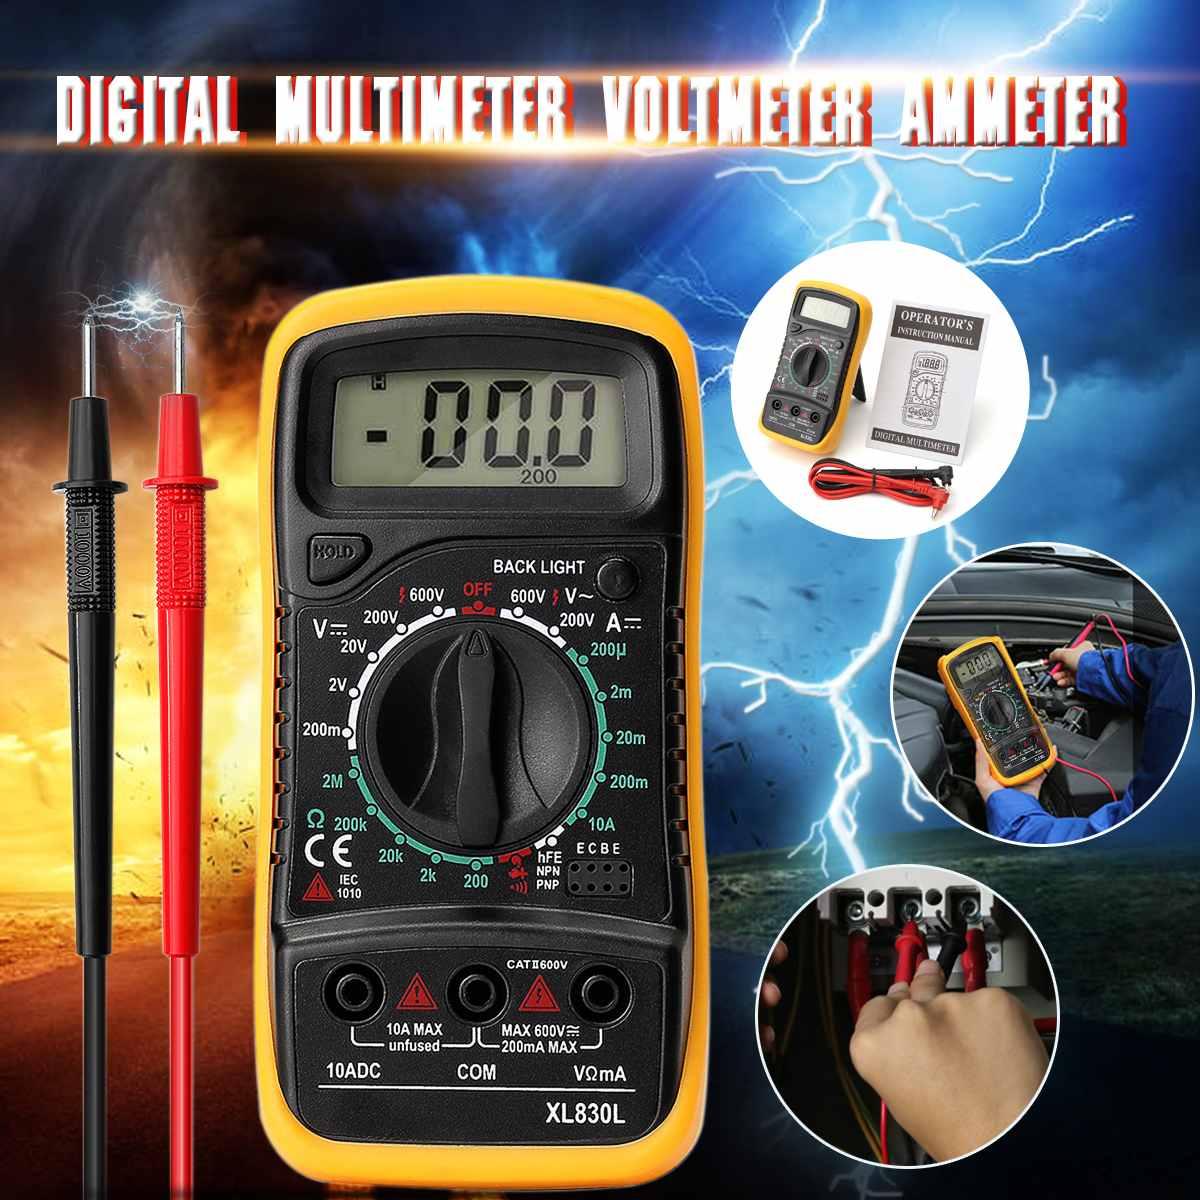 Портативный портативный цифровой мультиметр mustools, электрический ЖК-дисплей, вольтметр с подсветкой, амперметр постоянного и переменного т...